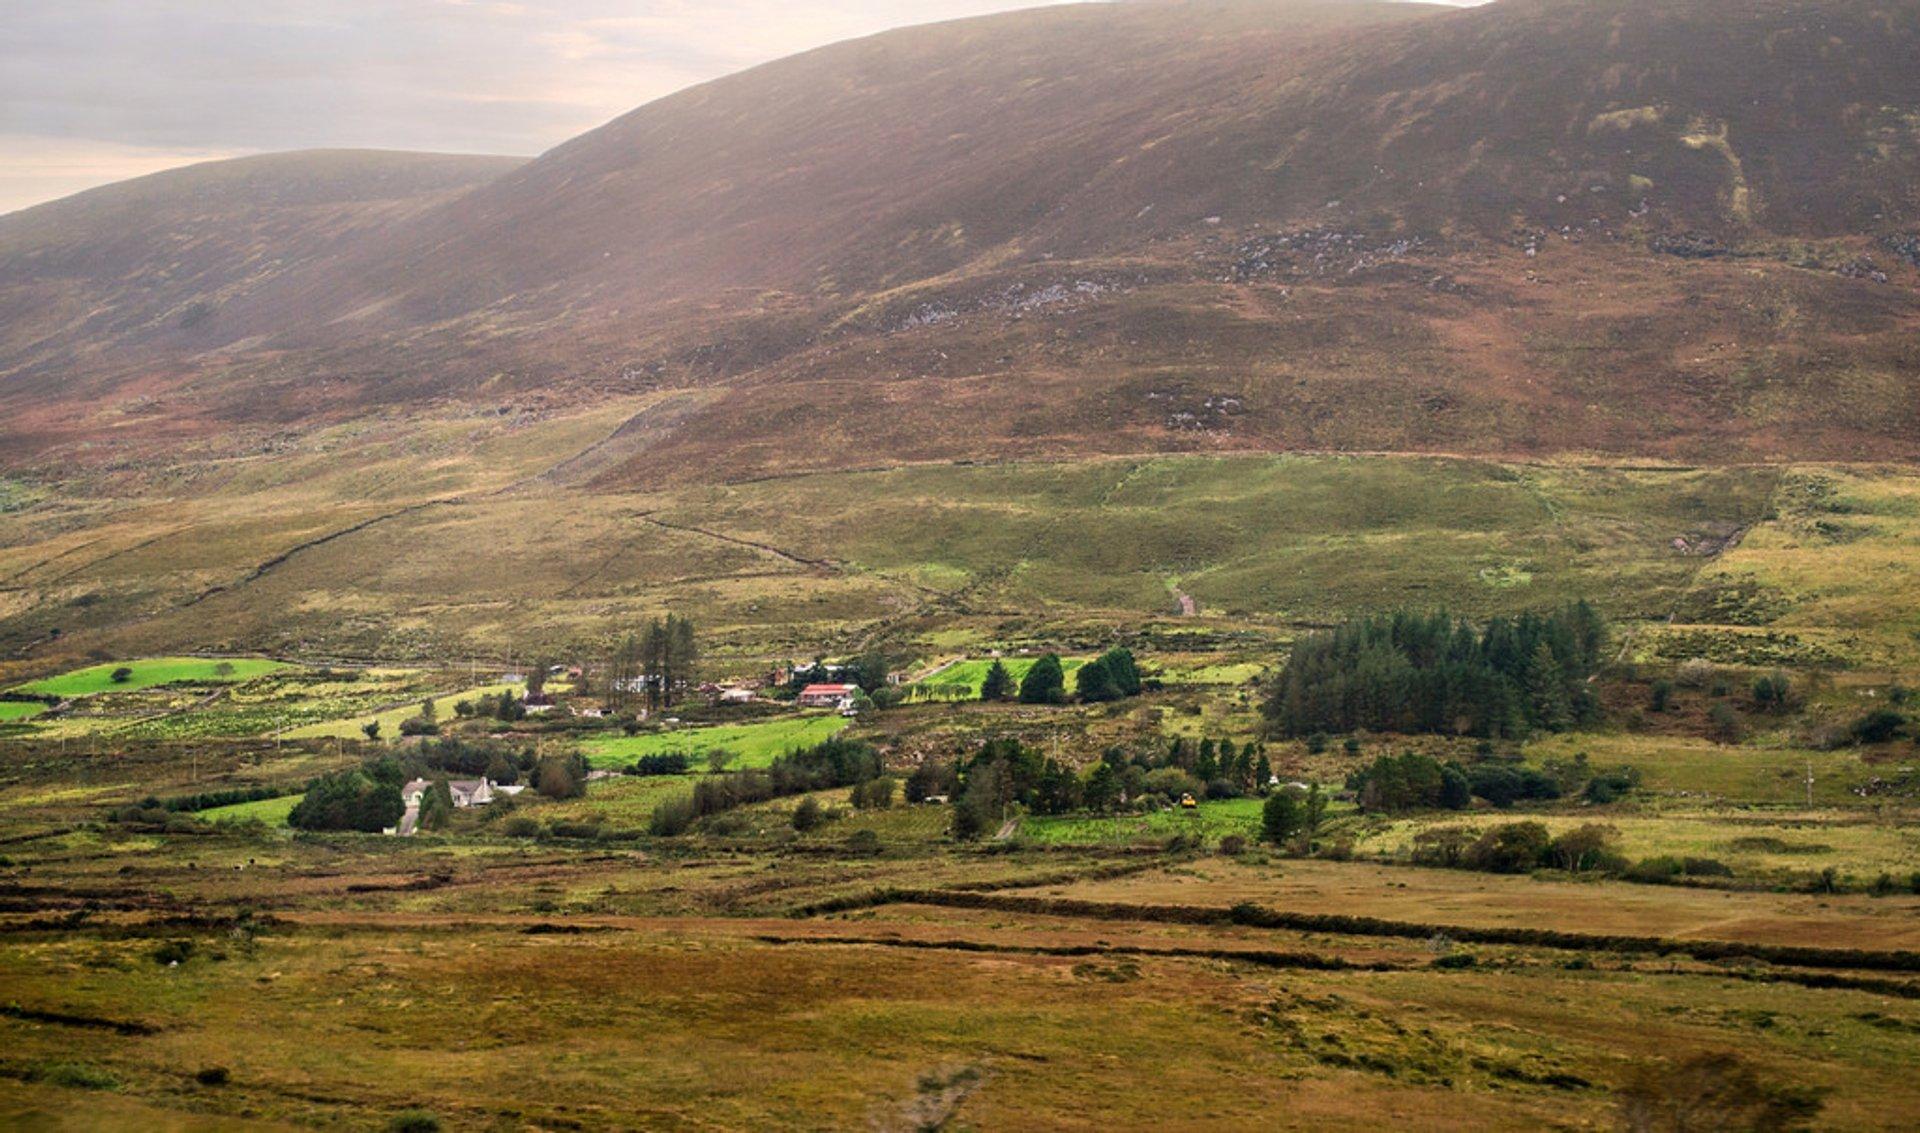 Autumn in Ireland - Best Season